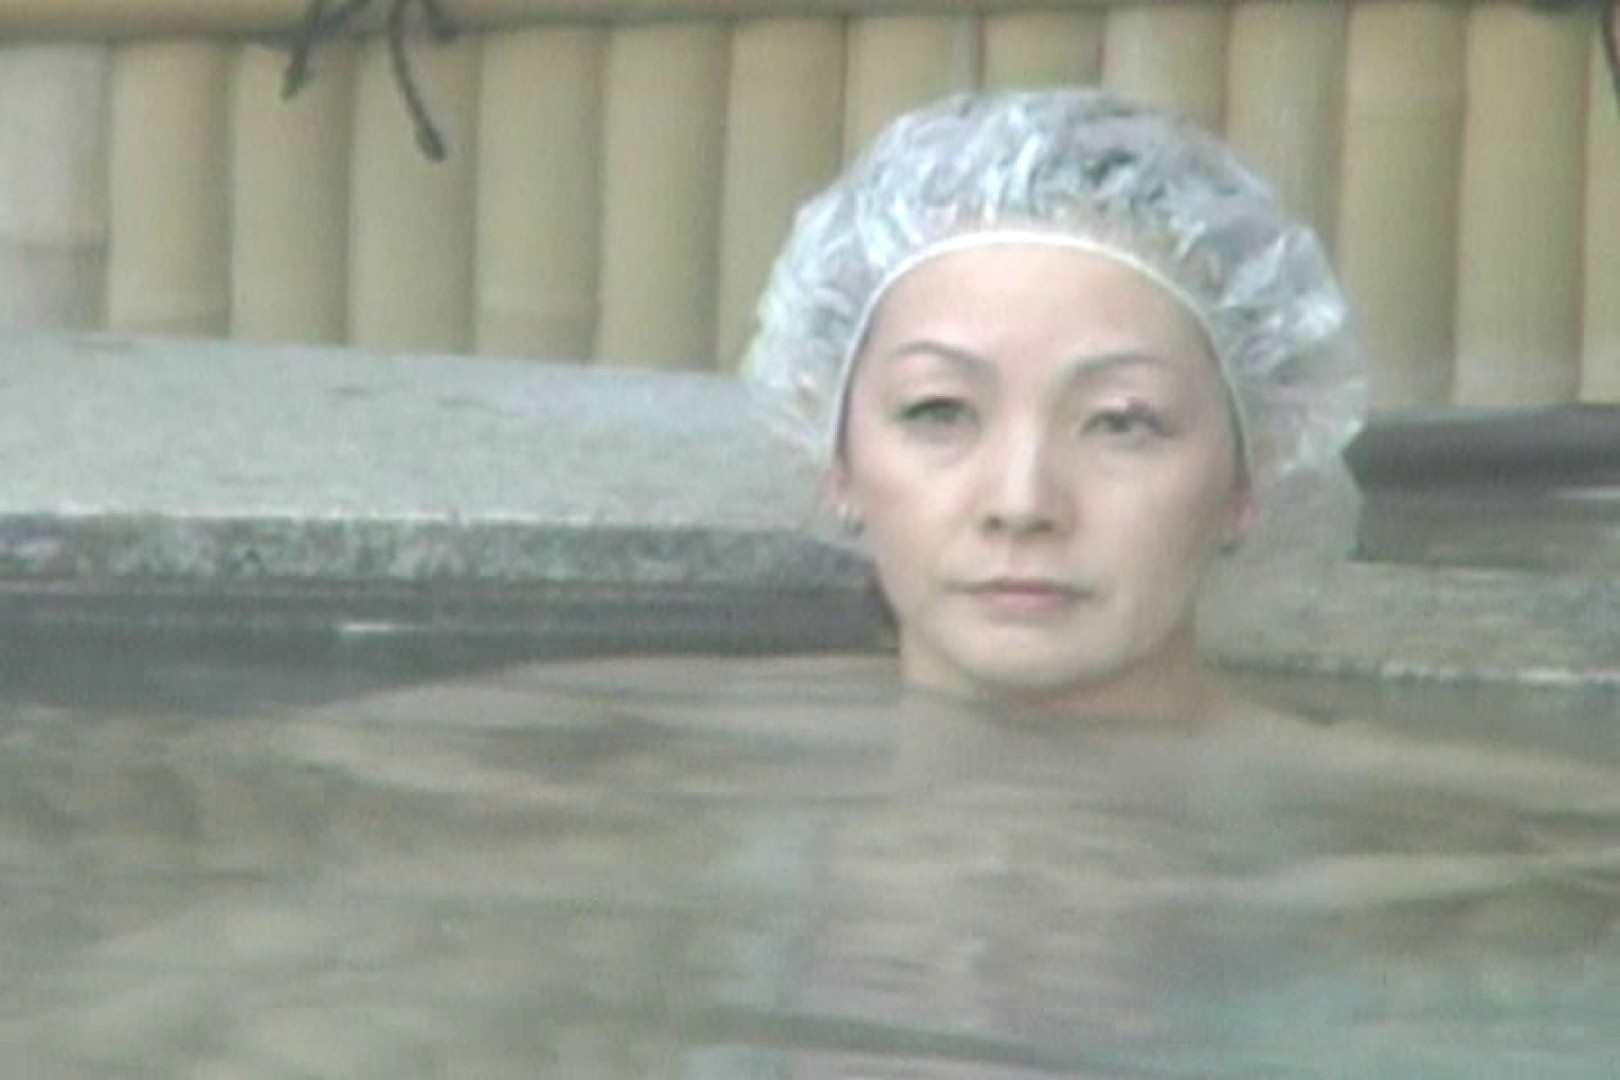 Aquaな露天風呂Vol.592 盗撮師作品 | 美しいOLの裸体  91pic 7